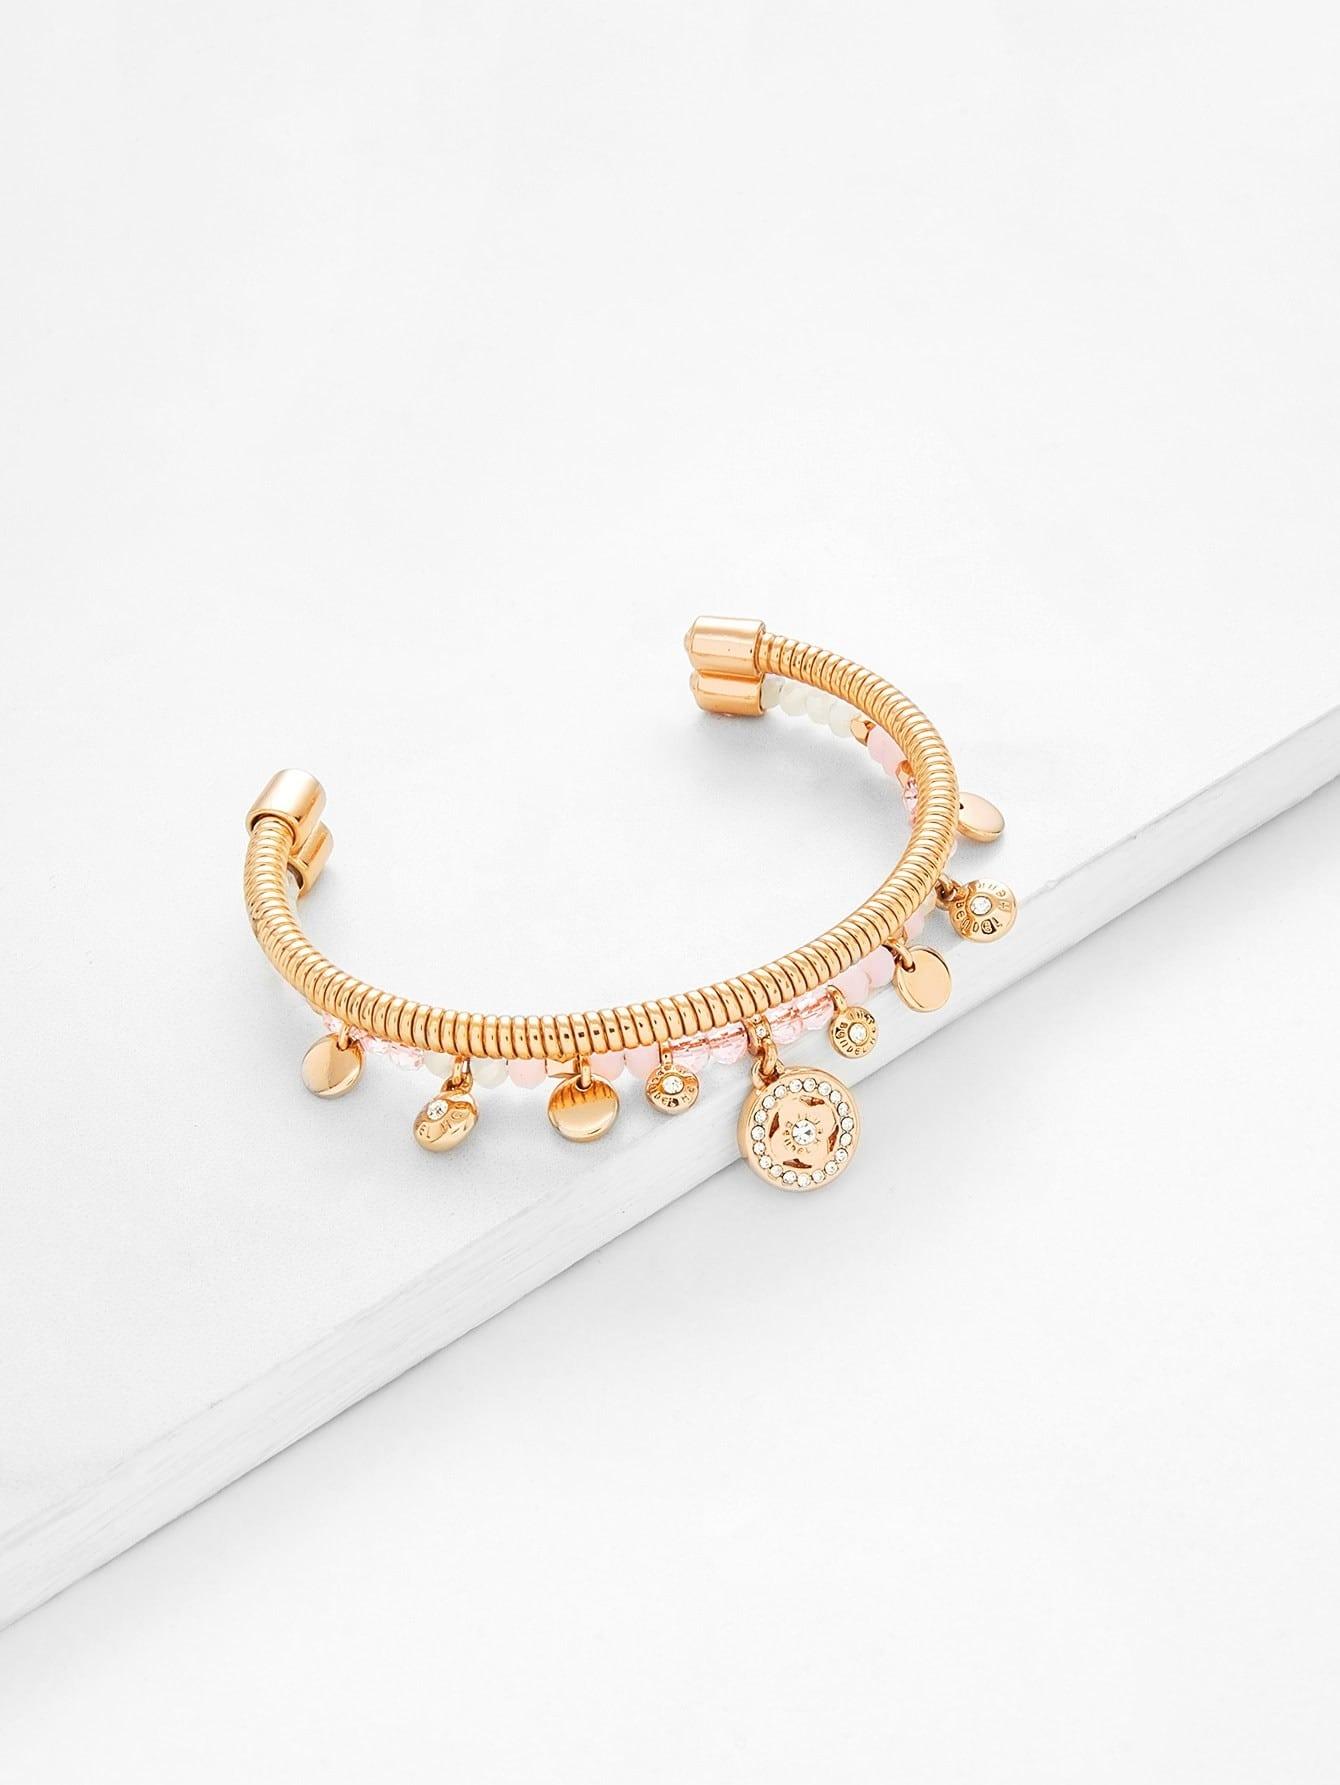 Armband mit runder Flocke und mehrlagiger Manschette